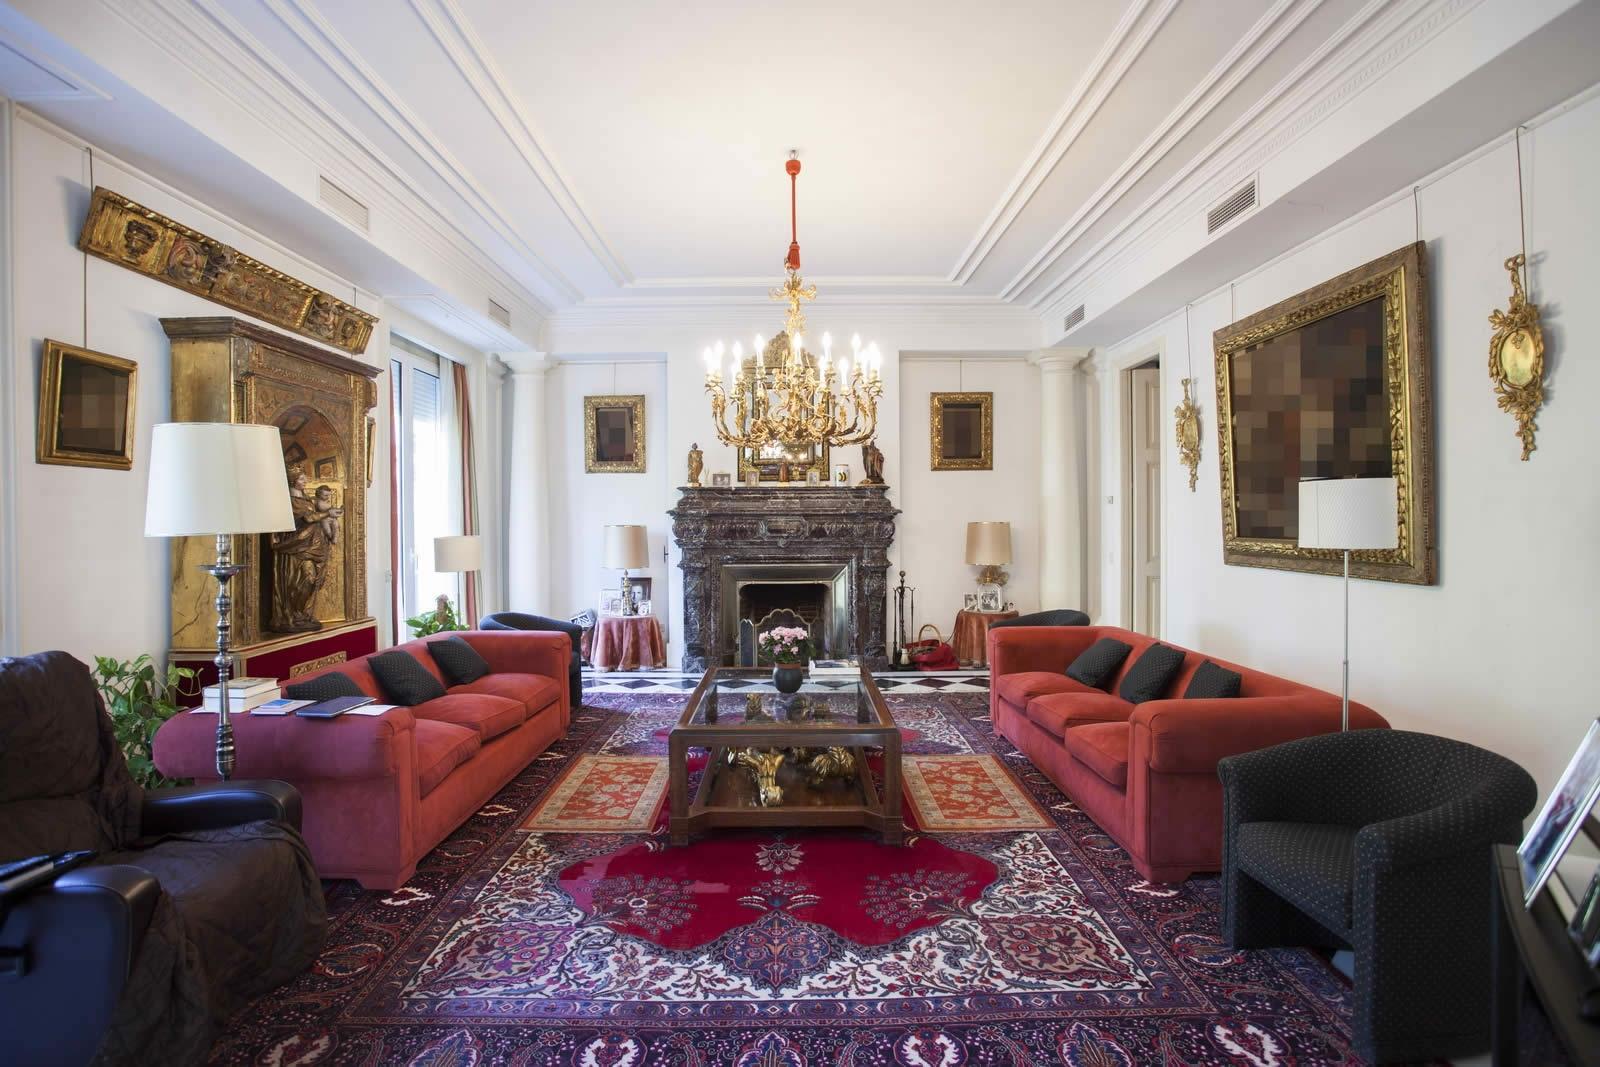 Гостиная с красными бархатными диванами и турецким ковром